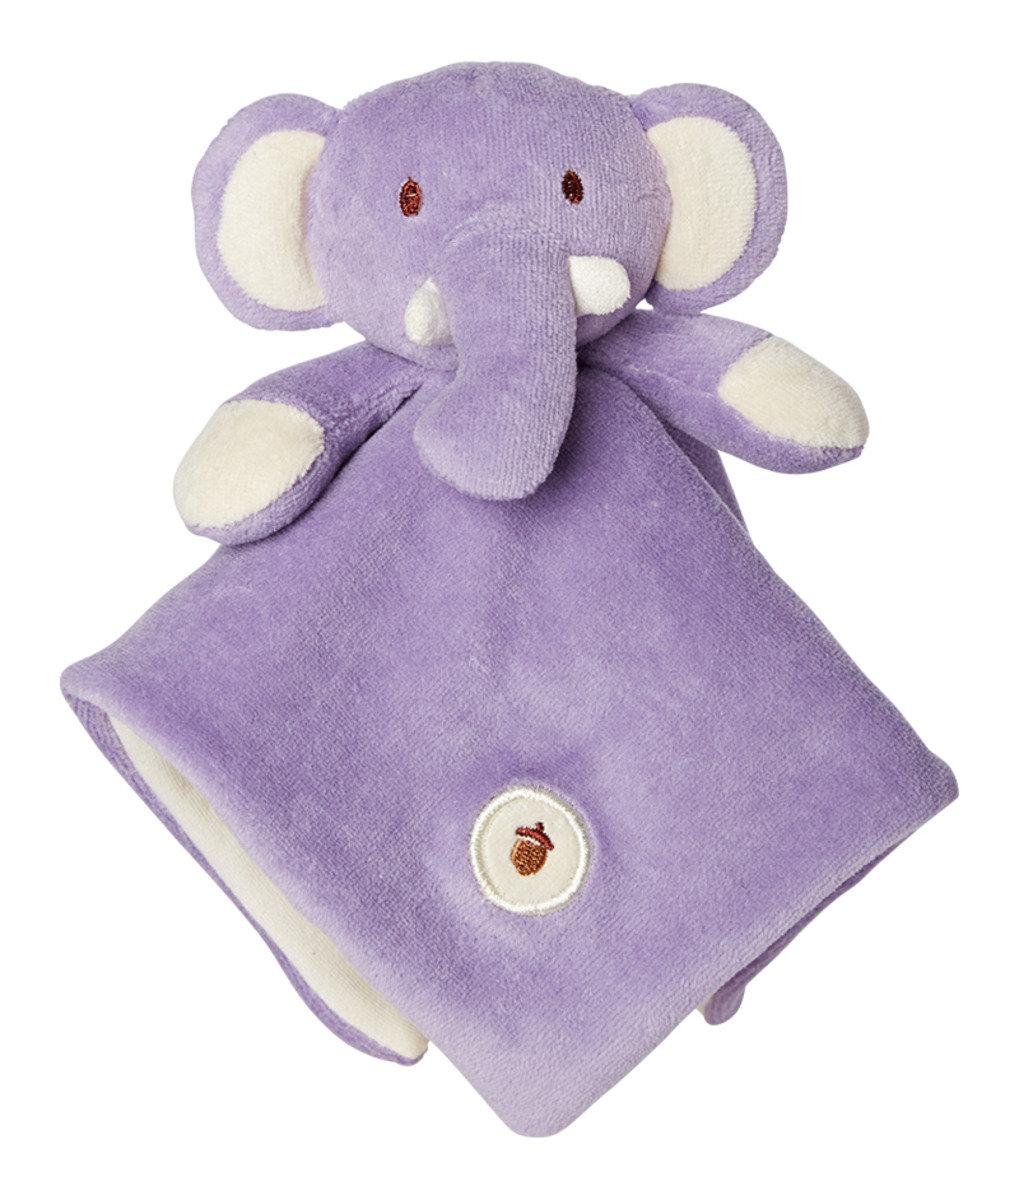 美國紐約My Natural™ Lovie Blankie天然有機棉安撫巾 - 粉紫小象